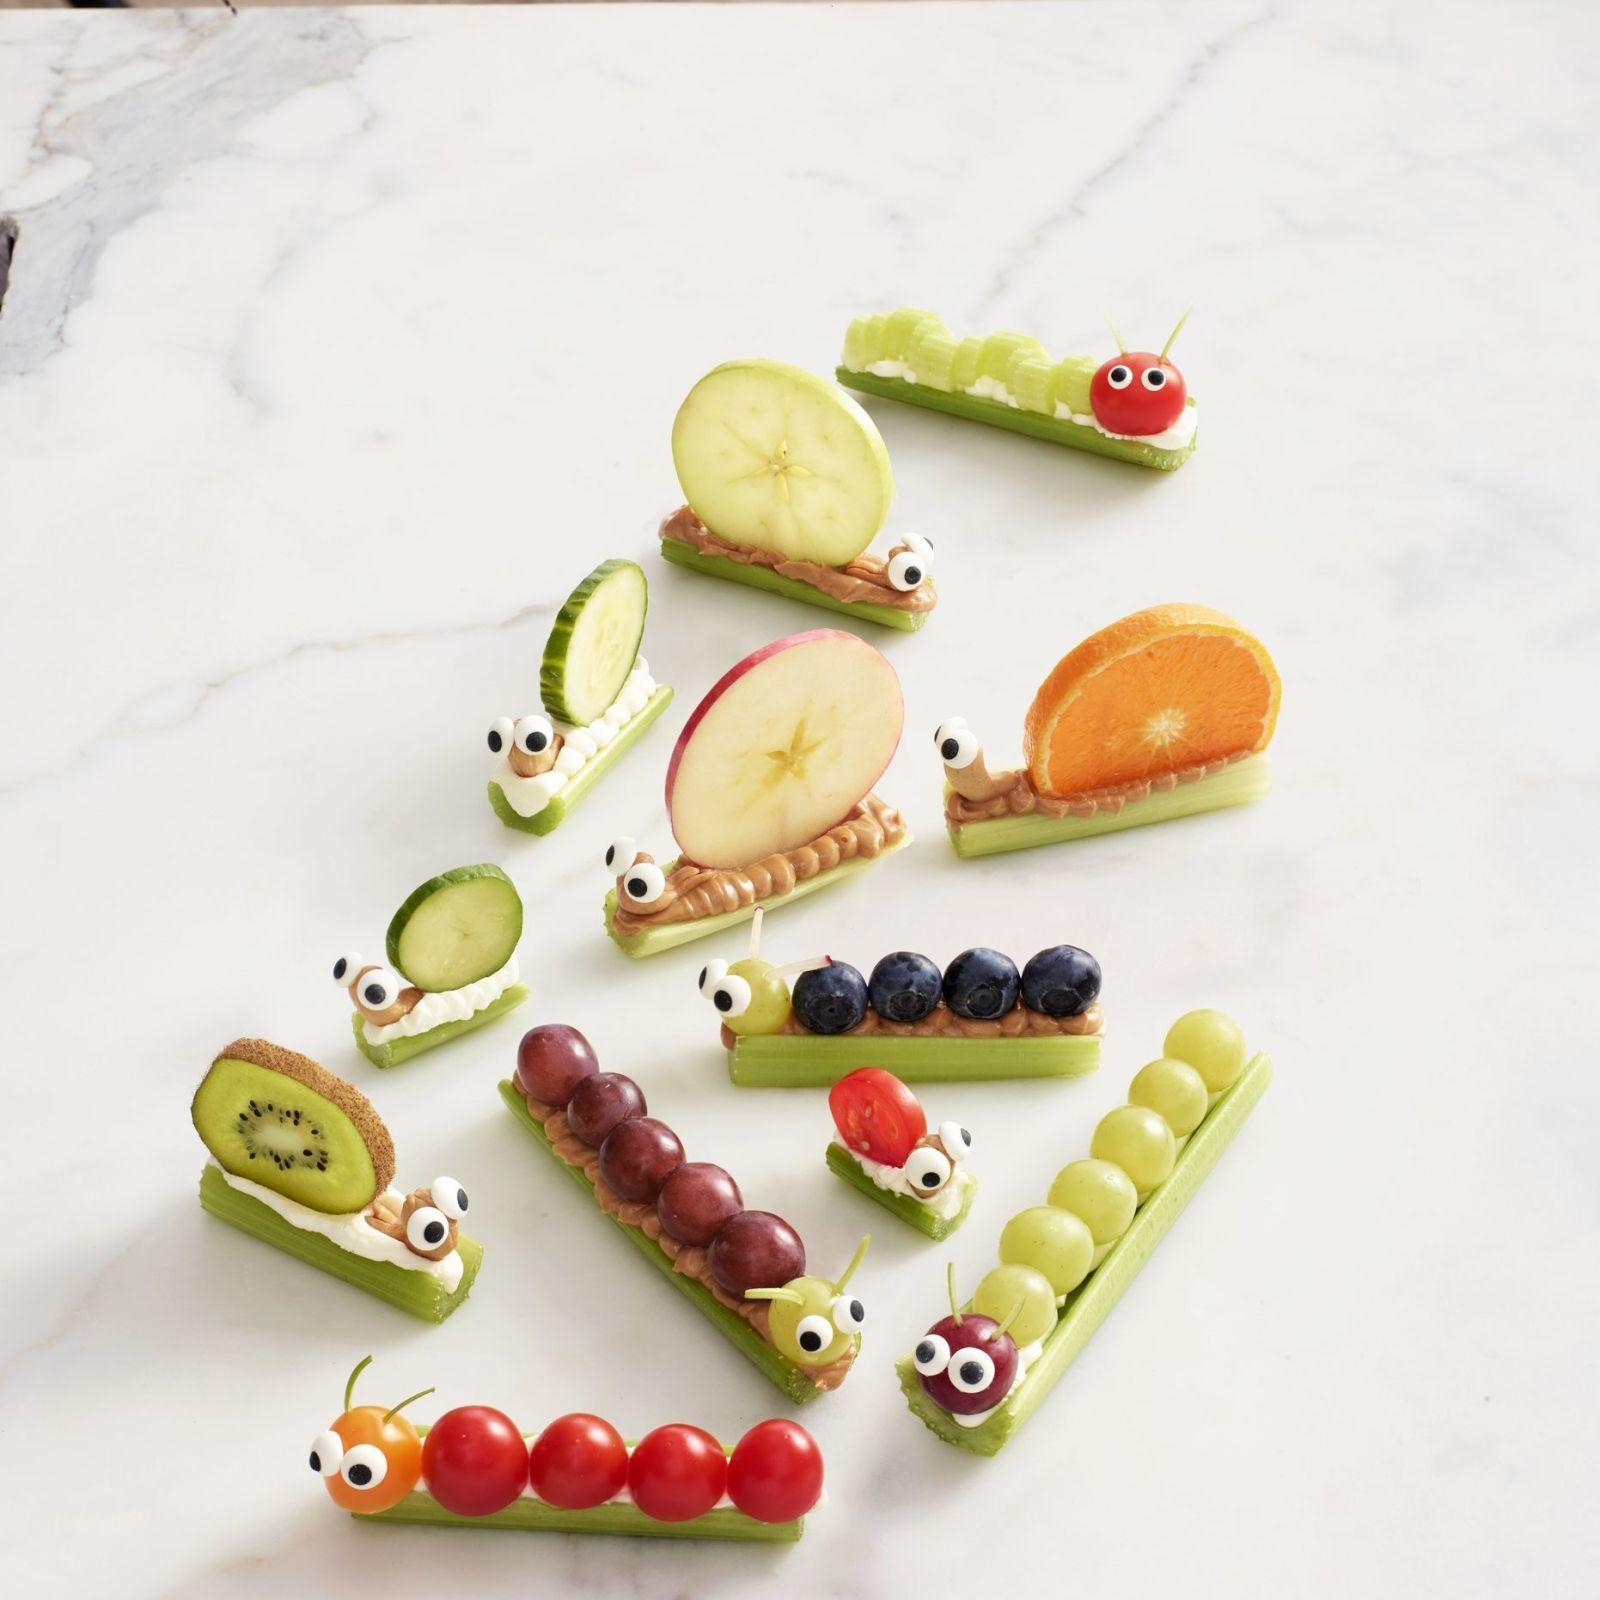 میوه های تازه در بسته بندی زیبا